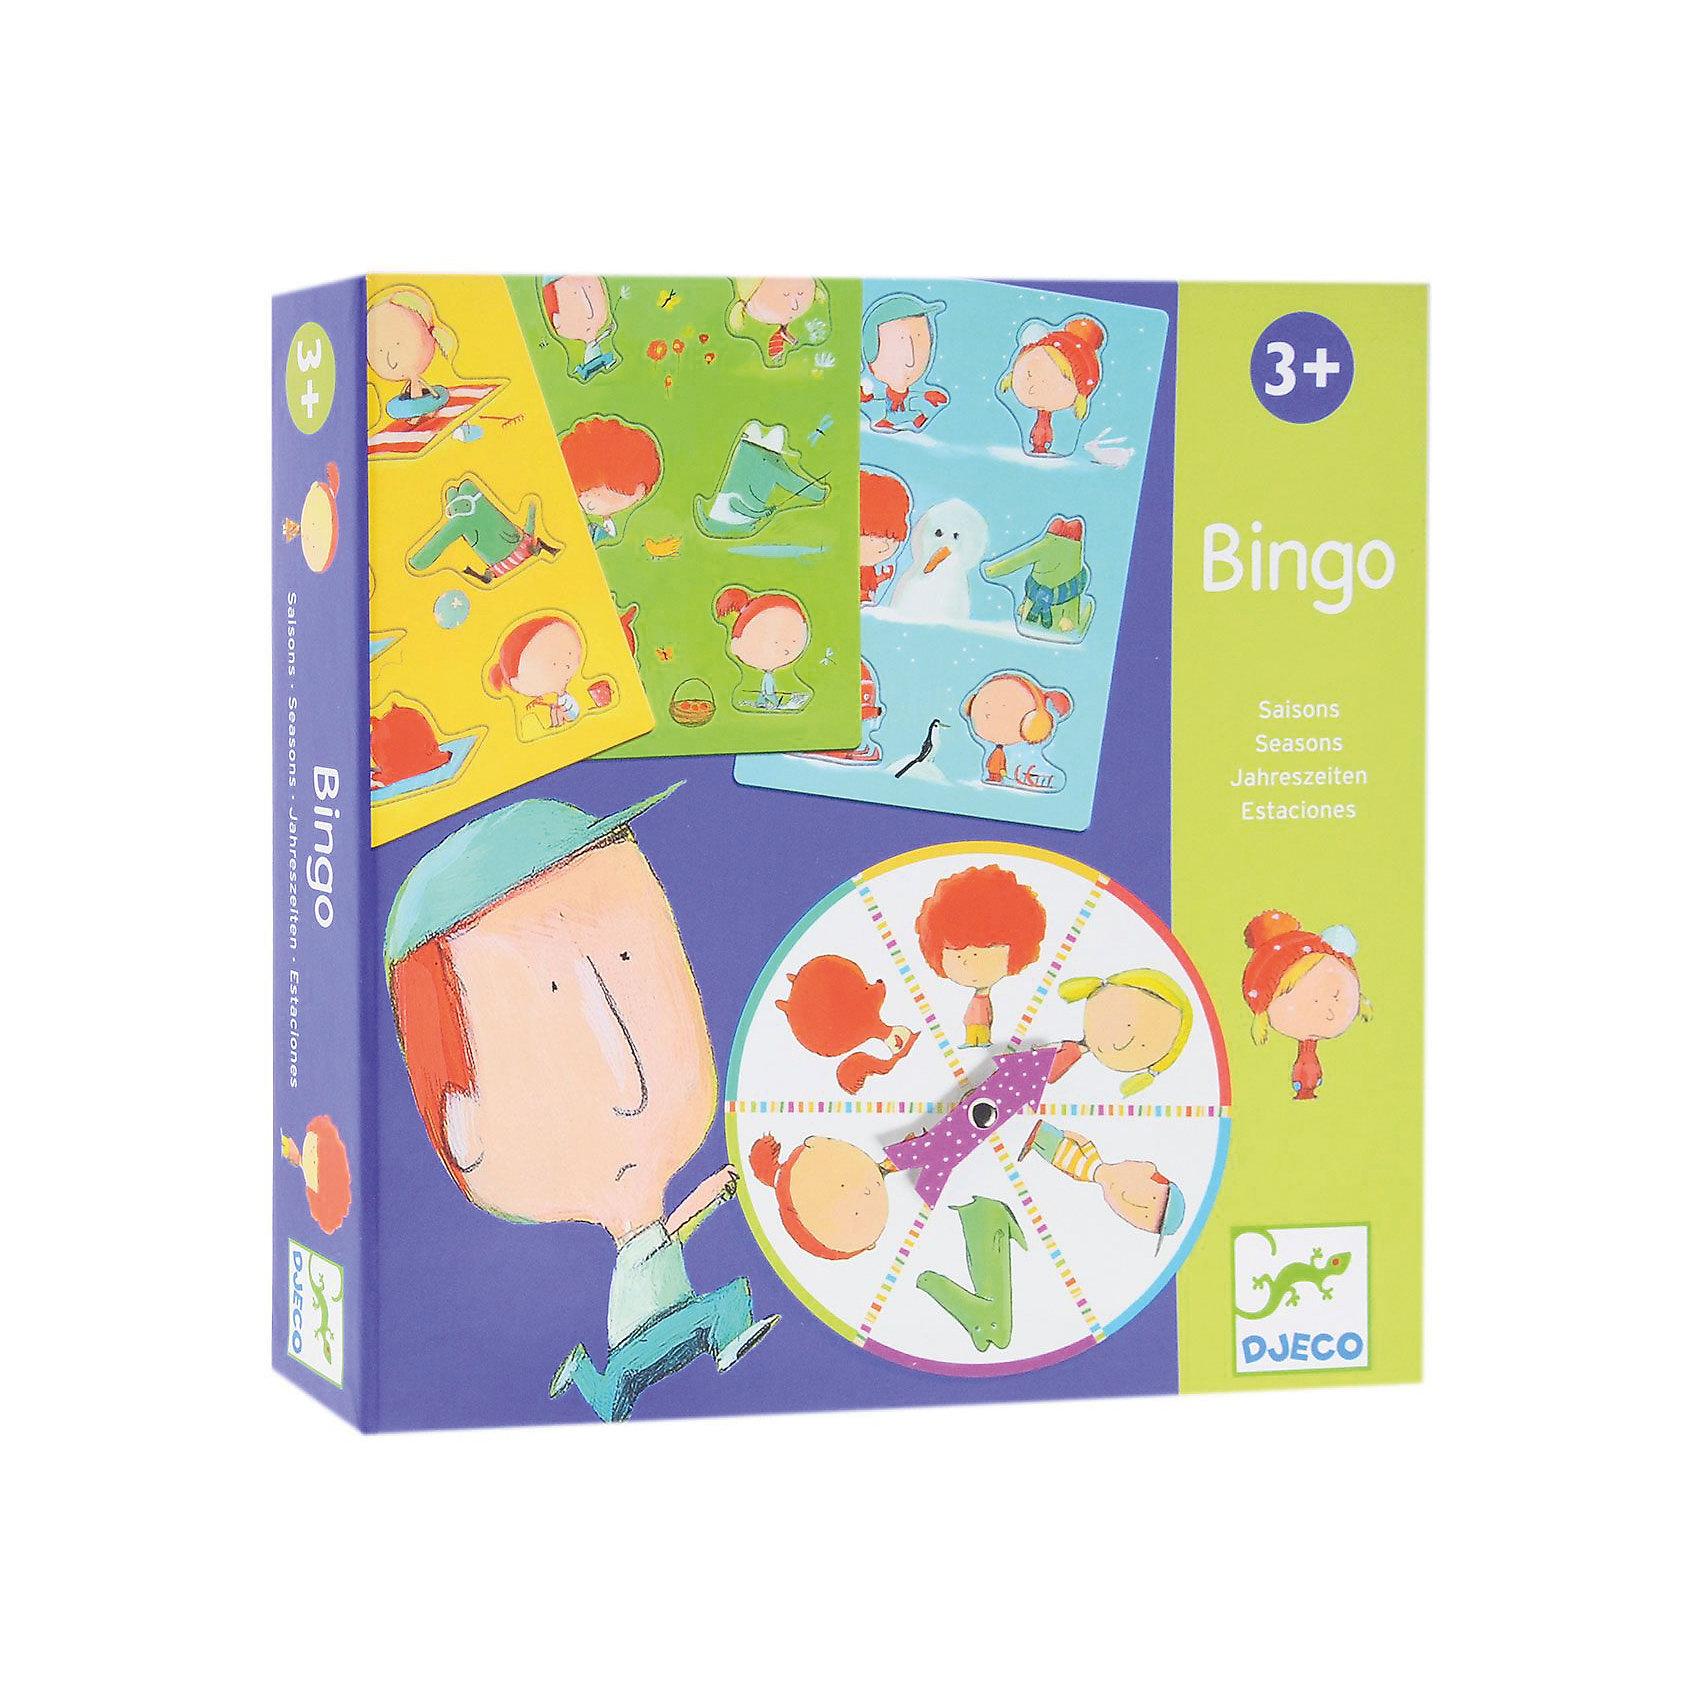 Игра Бинго Времена года, DJECOУвлекательная настольная игра Бинго Времена года, Djeco (Джеко) - идеальный вариант для совместного времяпрепровождения с ребенком или для детского праздника. В игре могут участвовать от 1 до 4 игроков. Каждый участник получает карточку с пустыми формами, которые надо заполнить соответствующими деталями. В итоге должен получится забавный рисунок на тему четырех сезонов года. Участники по очереди вращают рулетку и сочетают детали карточек в соответствии с выпавшими фигурками на диске. Выигрывает тот, кто первым соберет свою карточку. Игра развивает логическое мышление, сообразительность, внимательность и быстроту реакции. Для детей 3-6 лет.<br><br>Дополнительная информация:<br><br>- В комплекте: 4 карточки, 24 детали-пазла, рулетка. <br>- Материал: многослойный картон.<br>- Диаметр диска: 14 см.<br>- Размер упаковки: 21,5 х 21,5 х 4 см.<br>- Вес: 0,47 кг.<br><br>Настольную игру Бинго Времена года, Djeco (Джеко), можно ,купить в нашем магазине.<br><br>Ширина мм: 210<br>Глубина мм: 210<br>Высота мм: 40<br>Вес г: 560<br>Возраст от месяцев: 36<br>Возраст до месяцев: 72<br>Пол: Унисекс<br>Возраст: Детский<br>SKU: 4566304